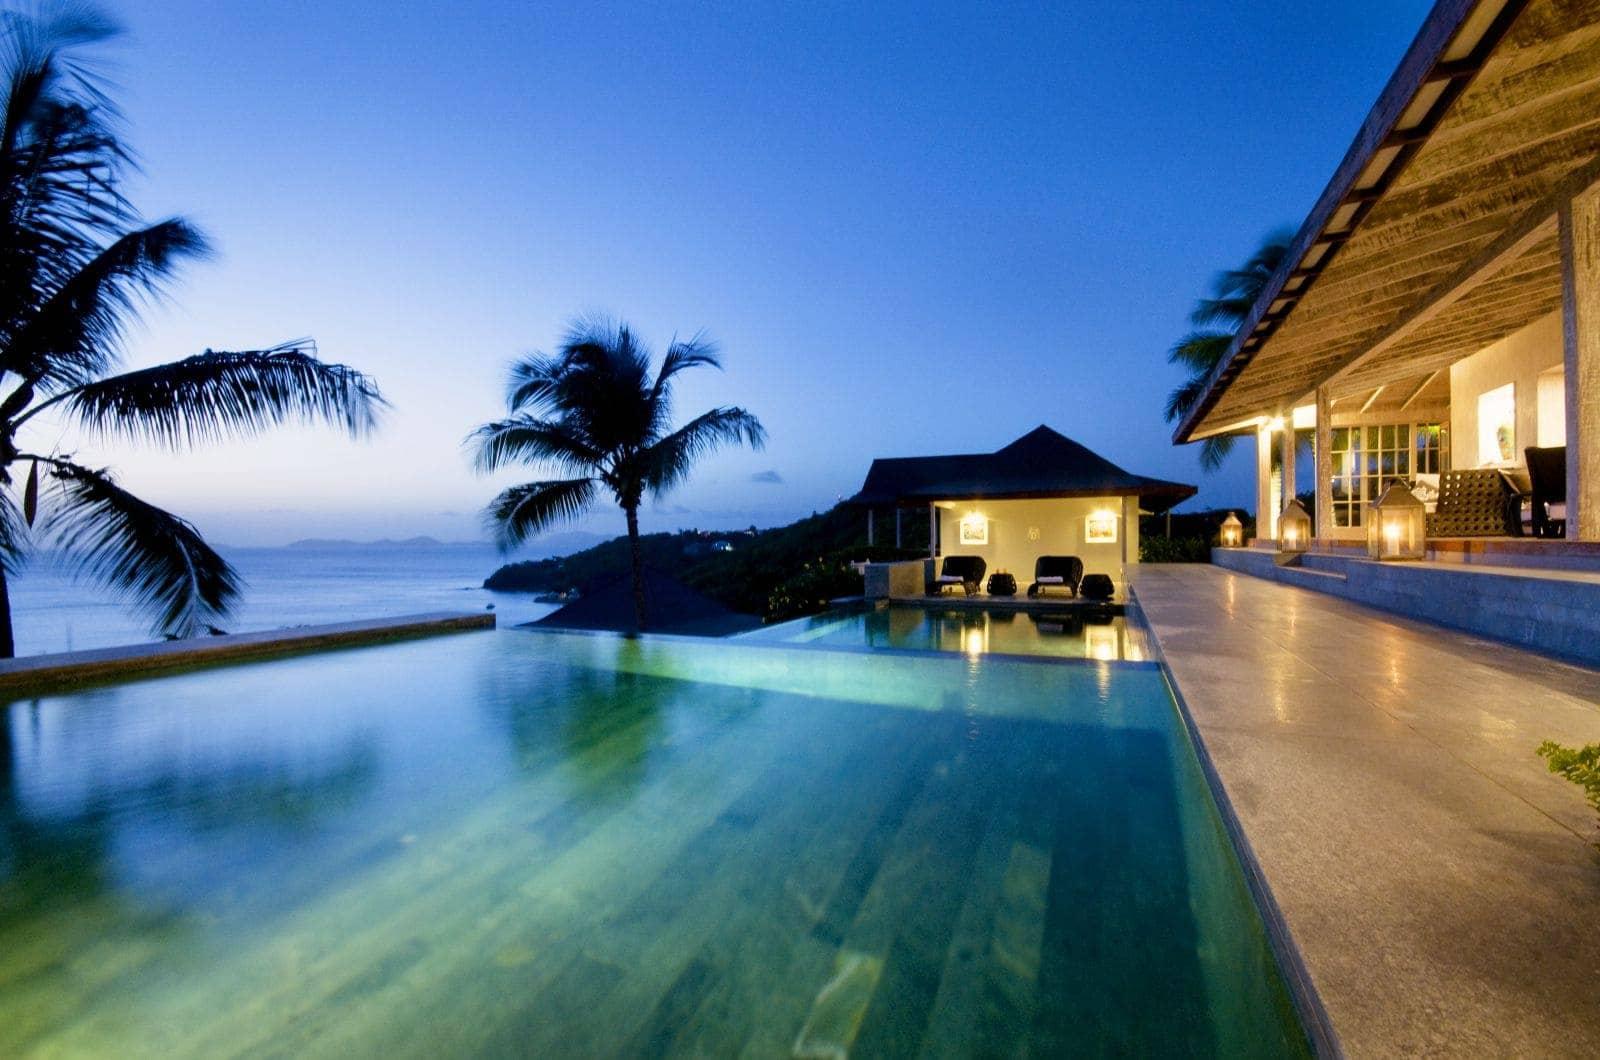 Islas del Caribe - Mustique